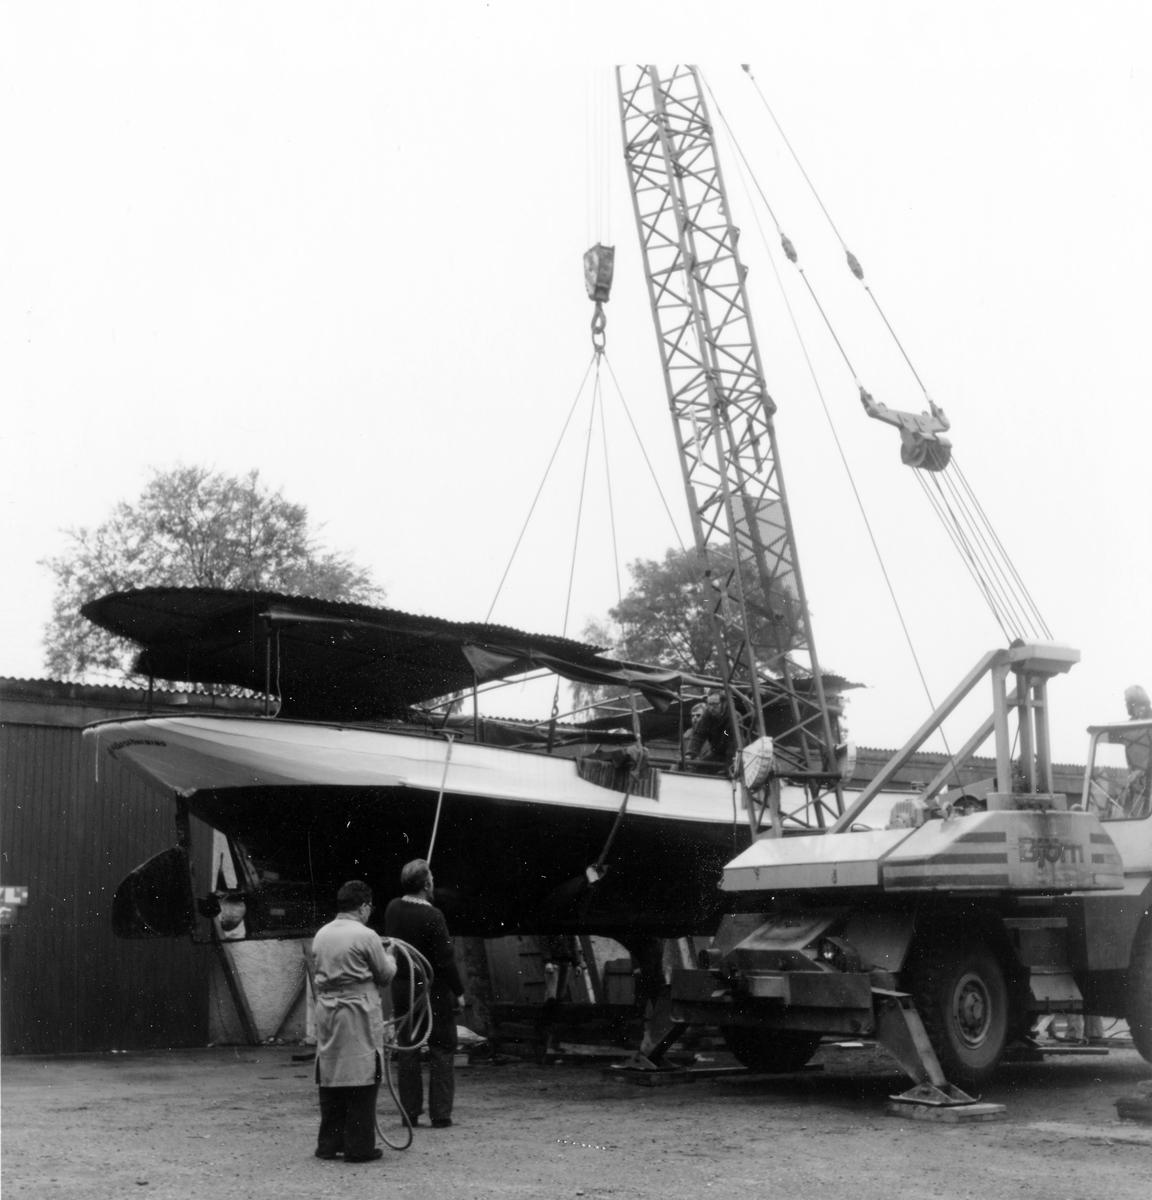 Ångfartyget Jernlunden som Mjörns ångbåtsförening renoverat för trafik på sjön Mjörn sjösätts lördagen den 11 september 1976 i Säveån. Fartyget hade legat på Göta Läderfabriks område för reparation sedan maj 1976.